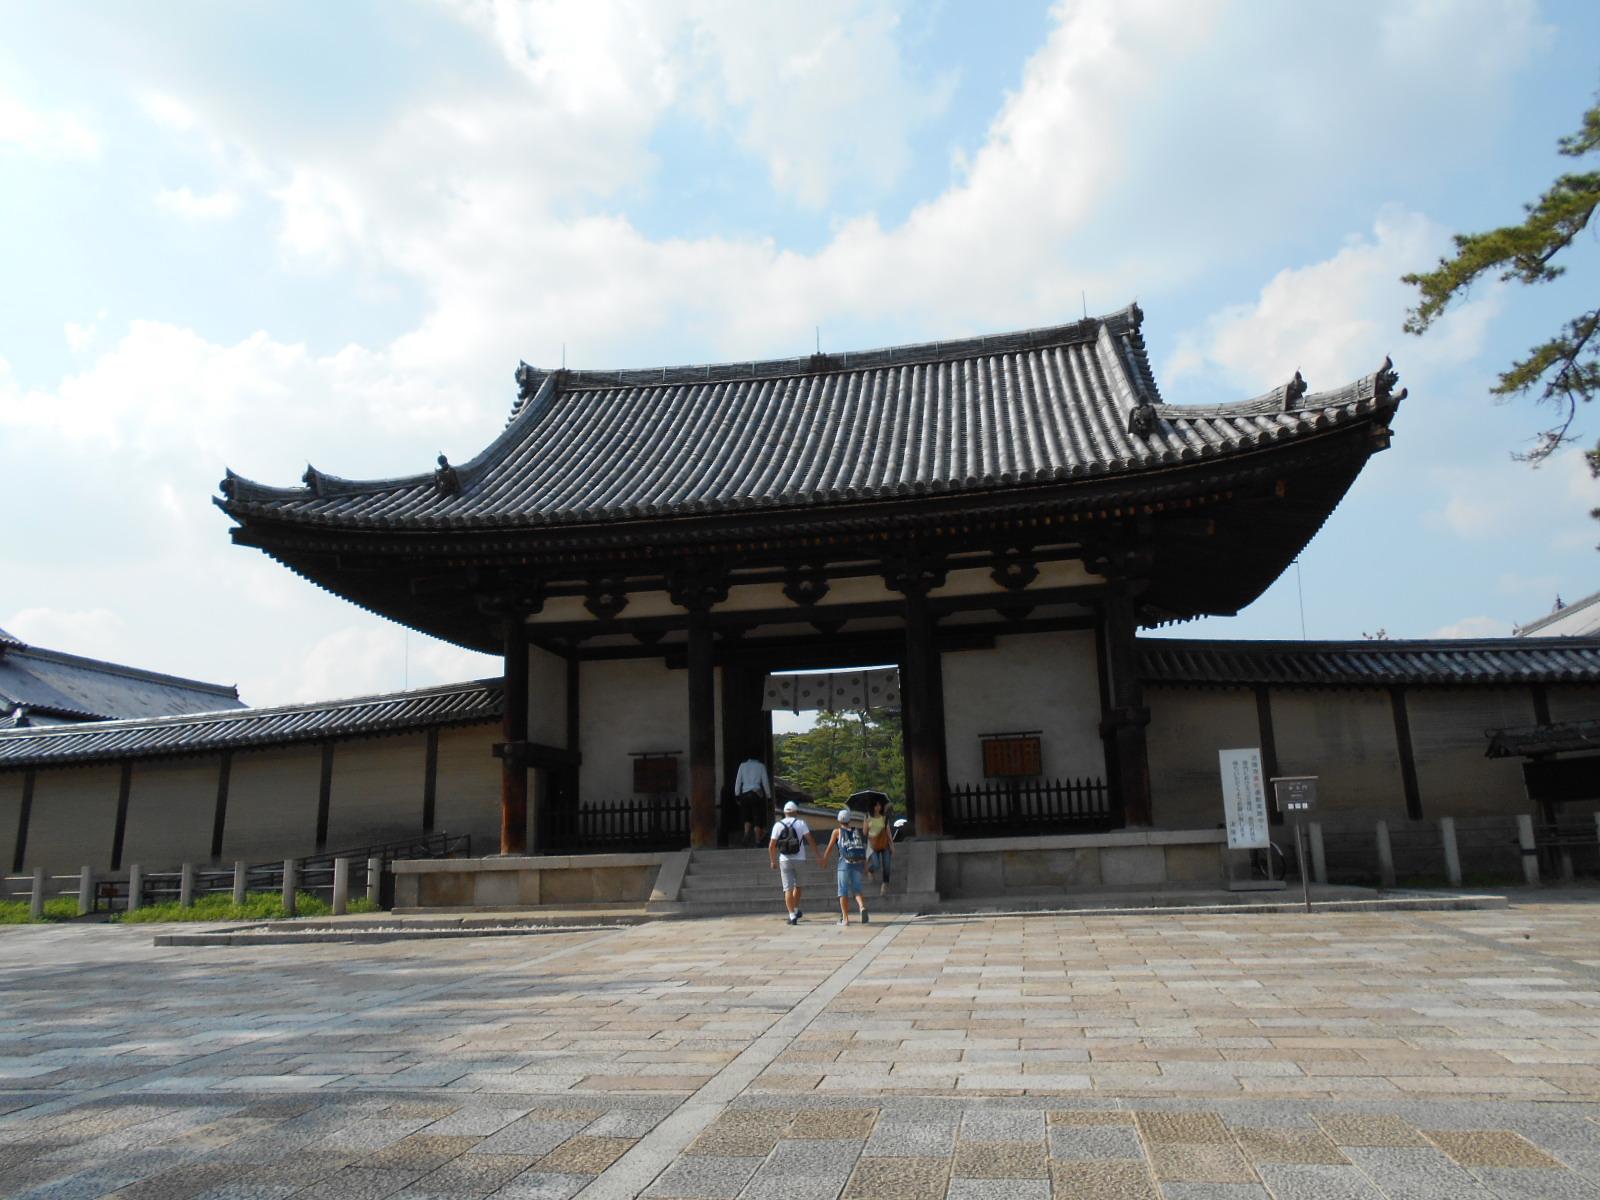 お盆休みに奈良に行ったお話し_b0189682_11263685.jpg